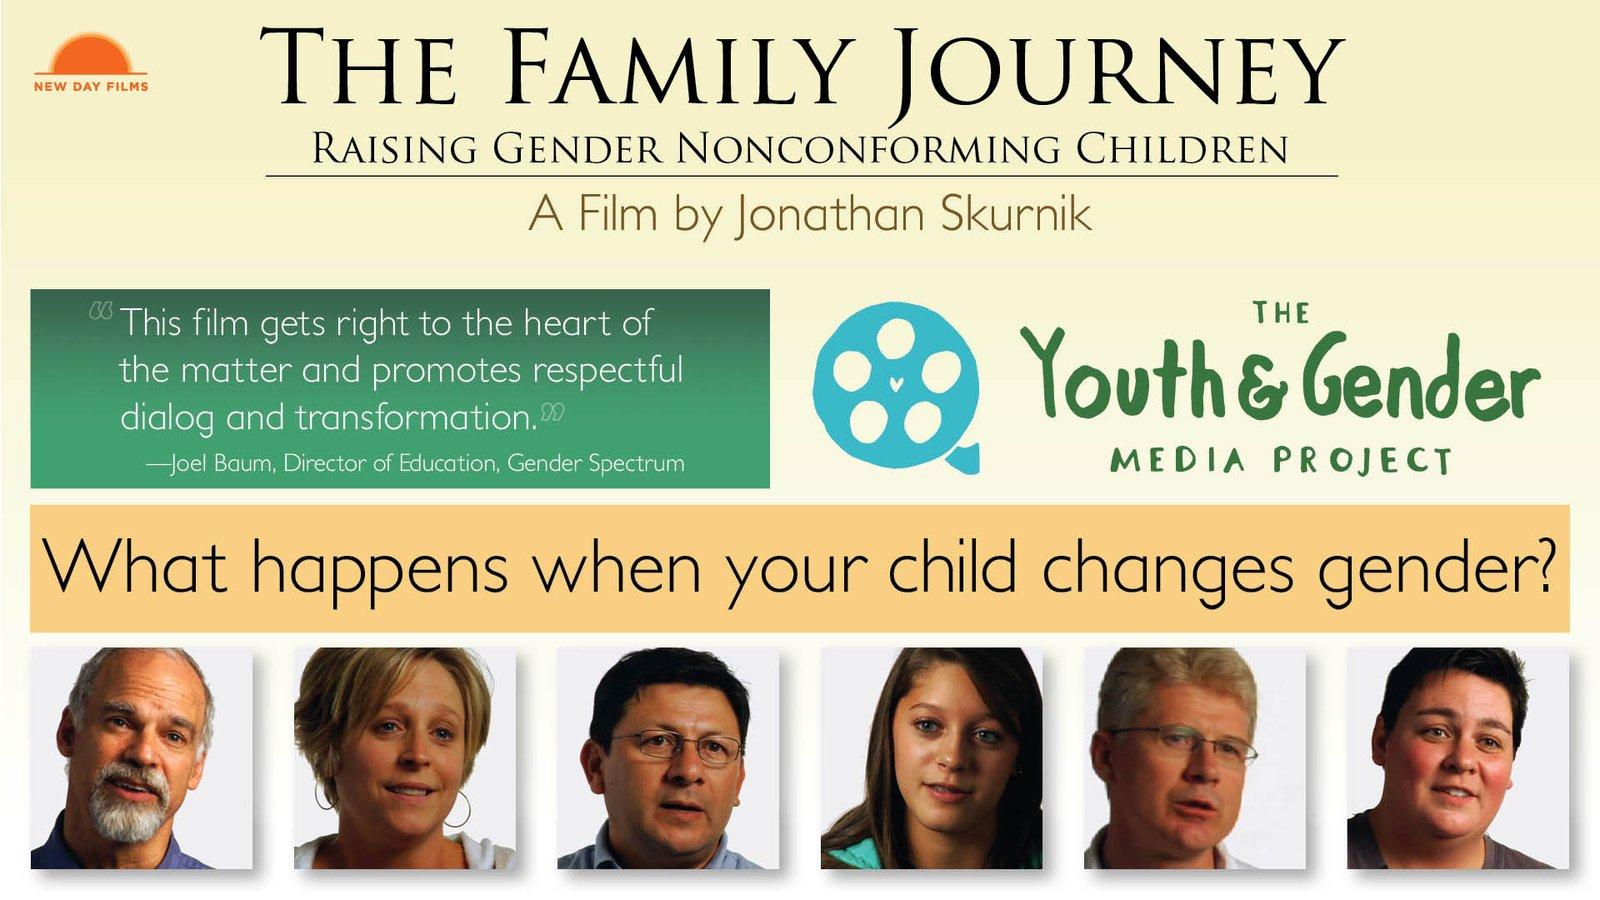 The Family Journey - Raising Gender Nonconforming Children